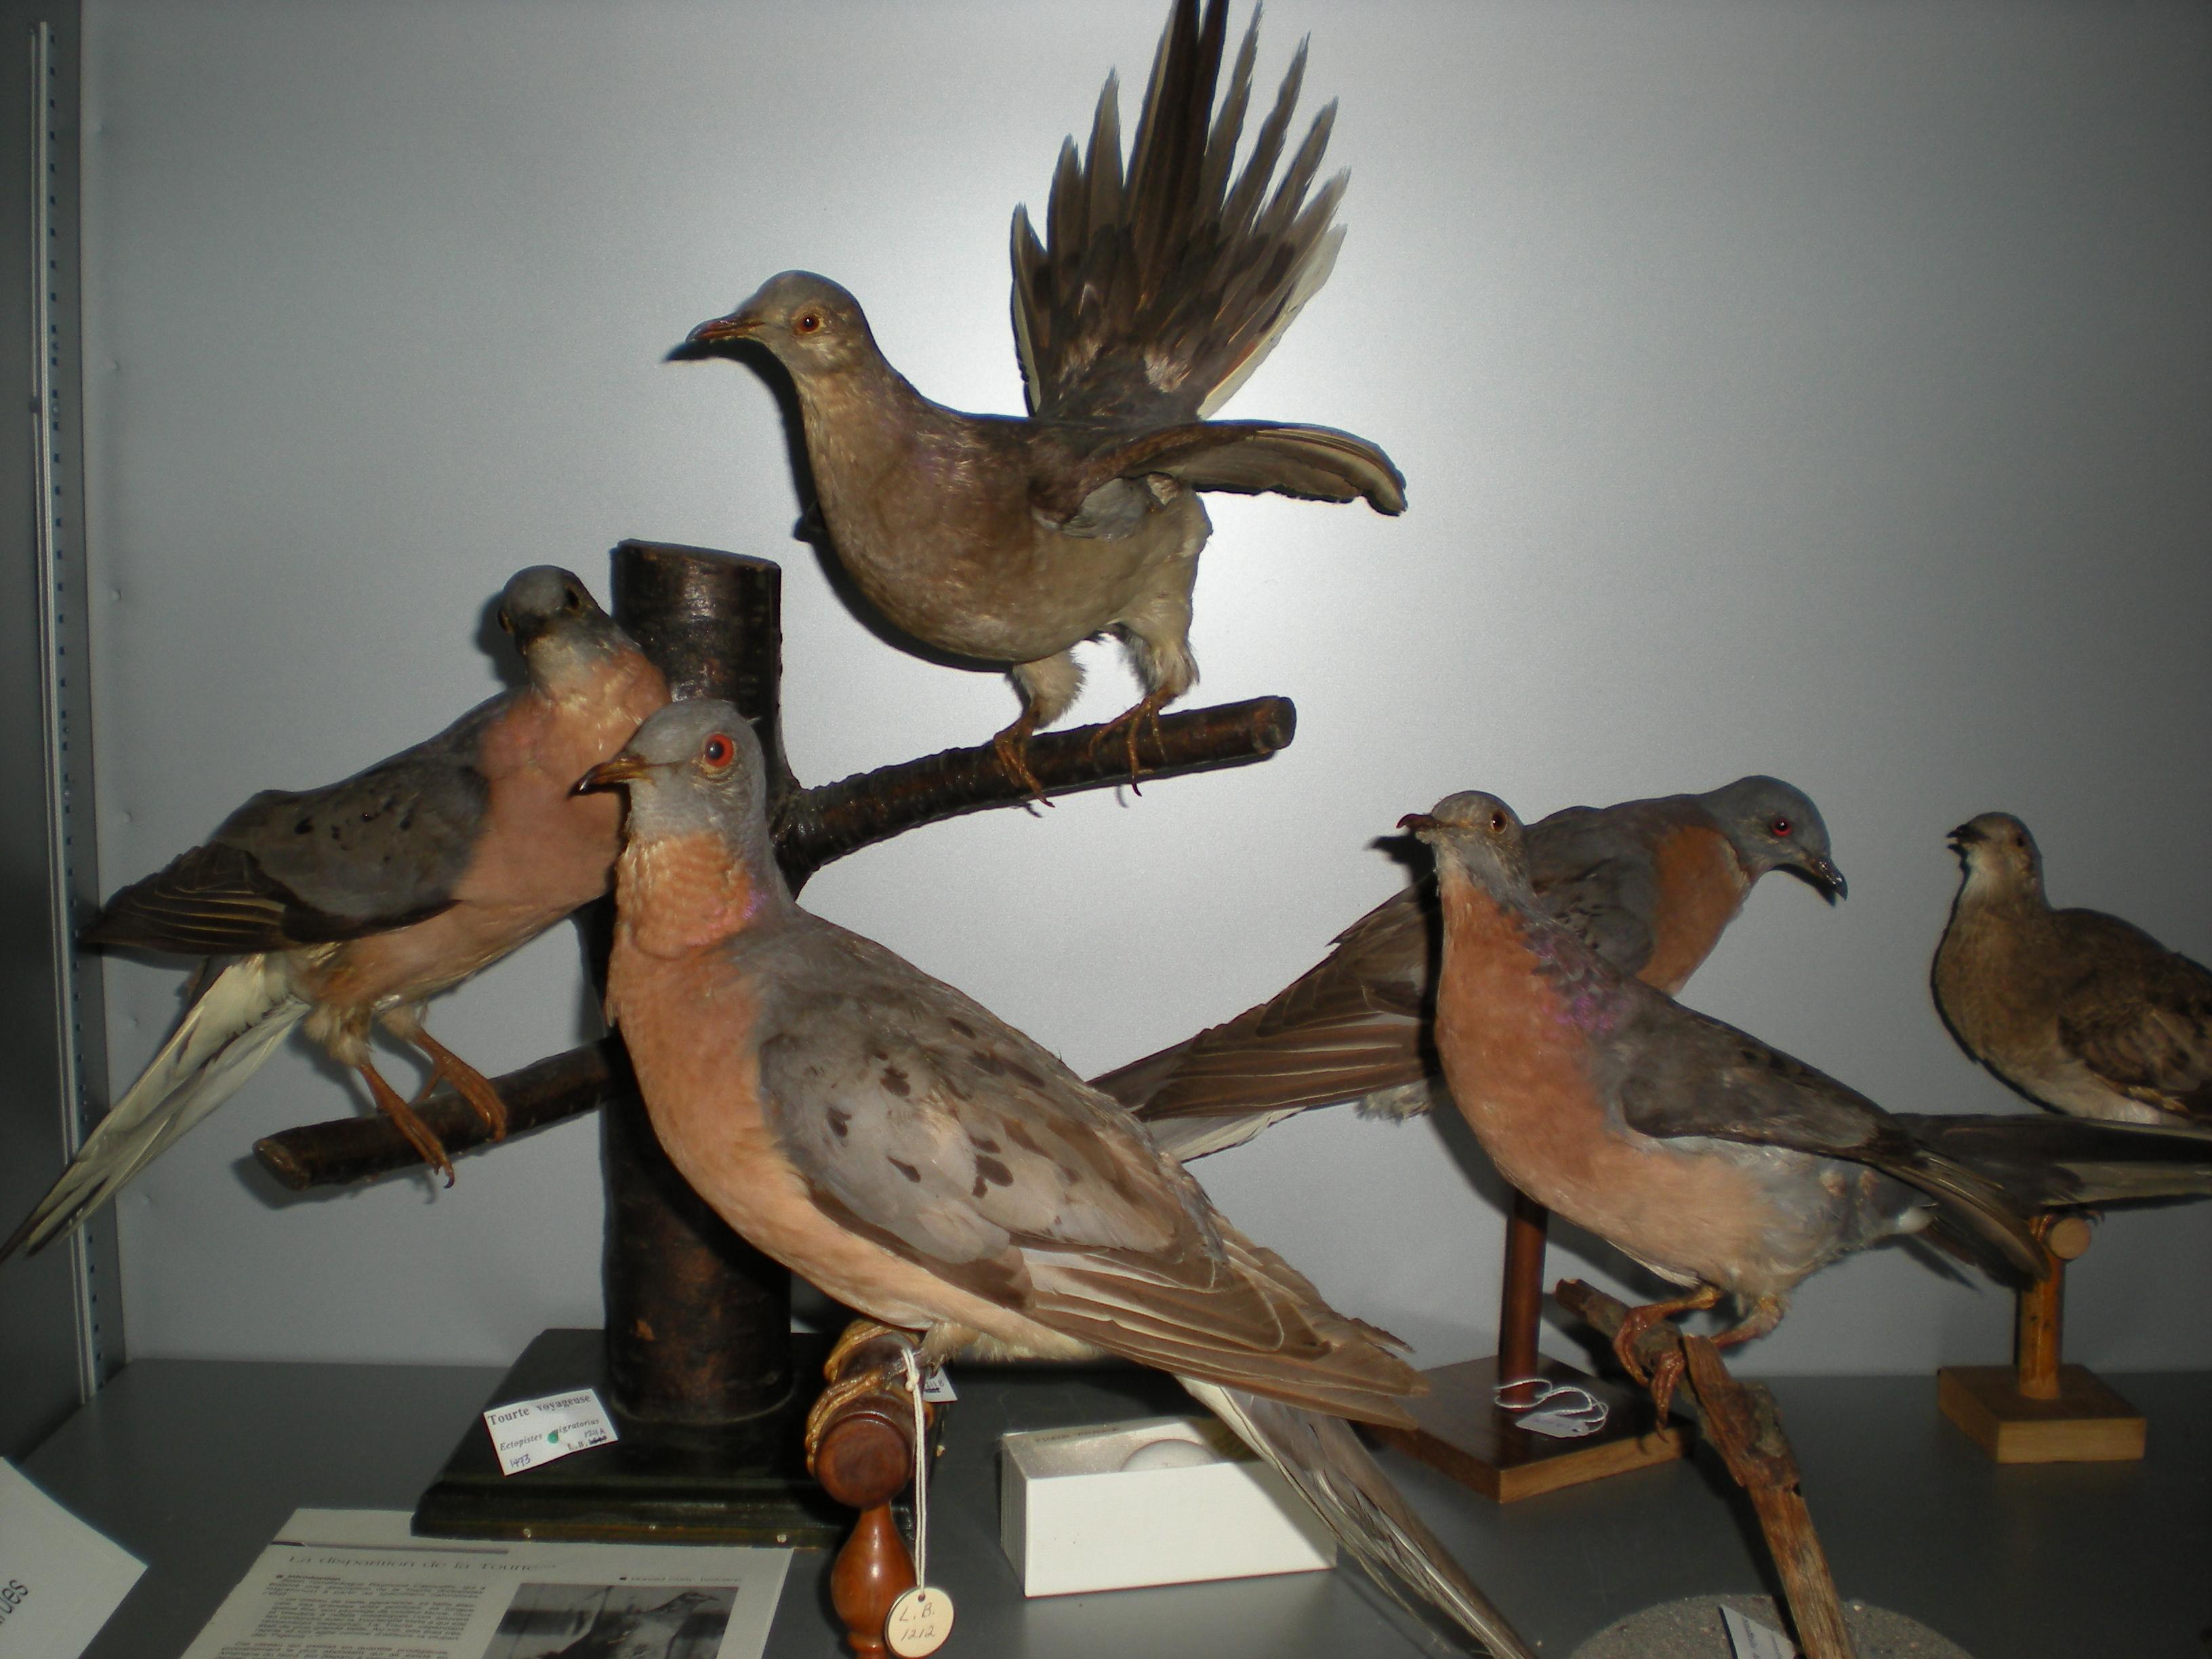 La tourte voyageuse, une espèce d'oiseaux disparue. Collection Léon-Provancher, Université Laval.